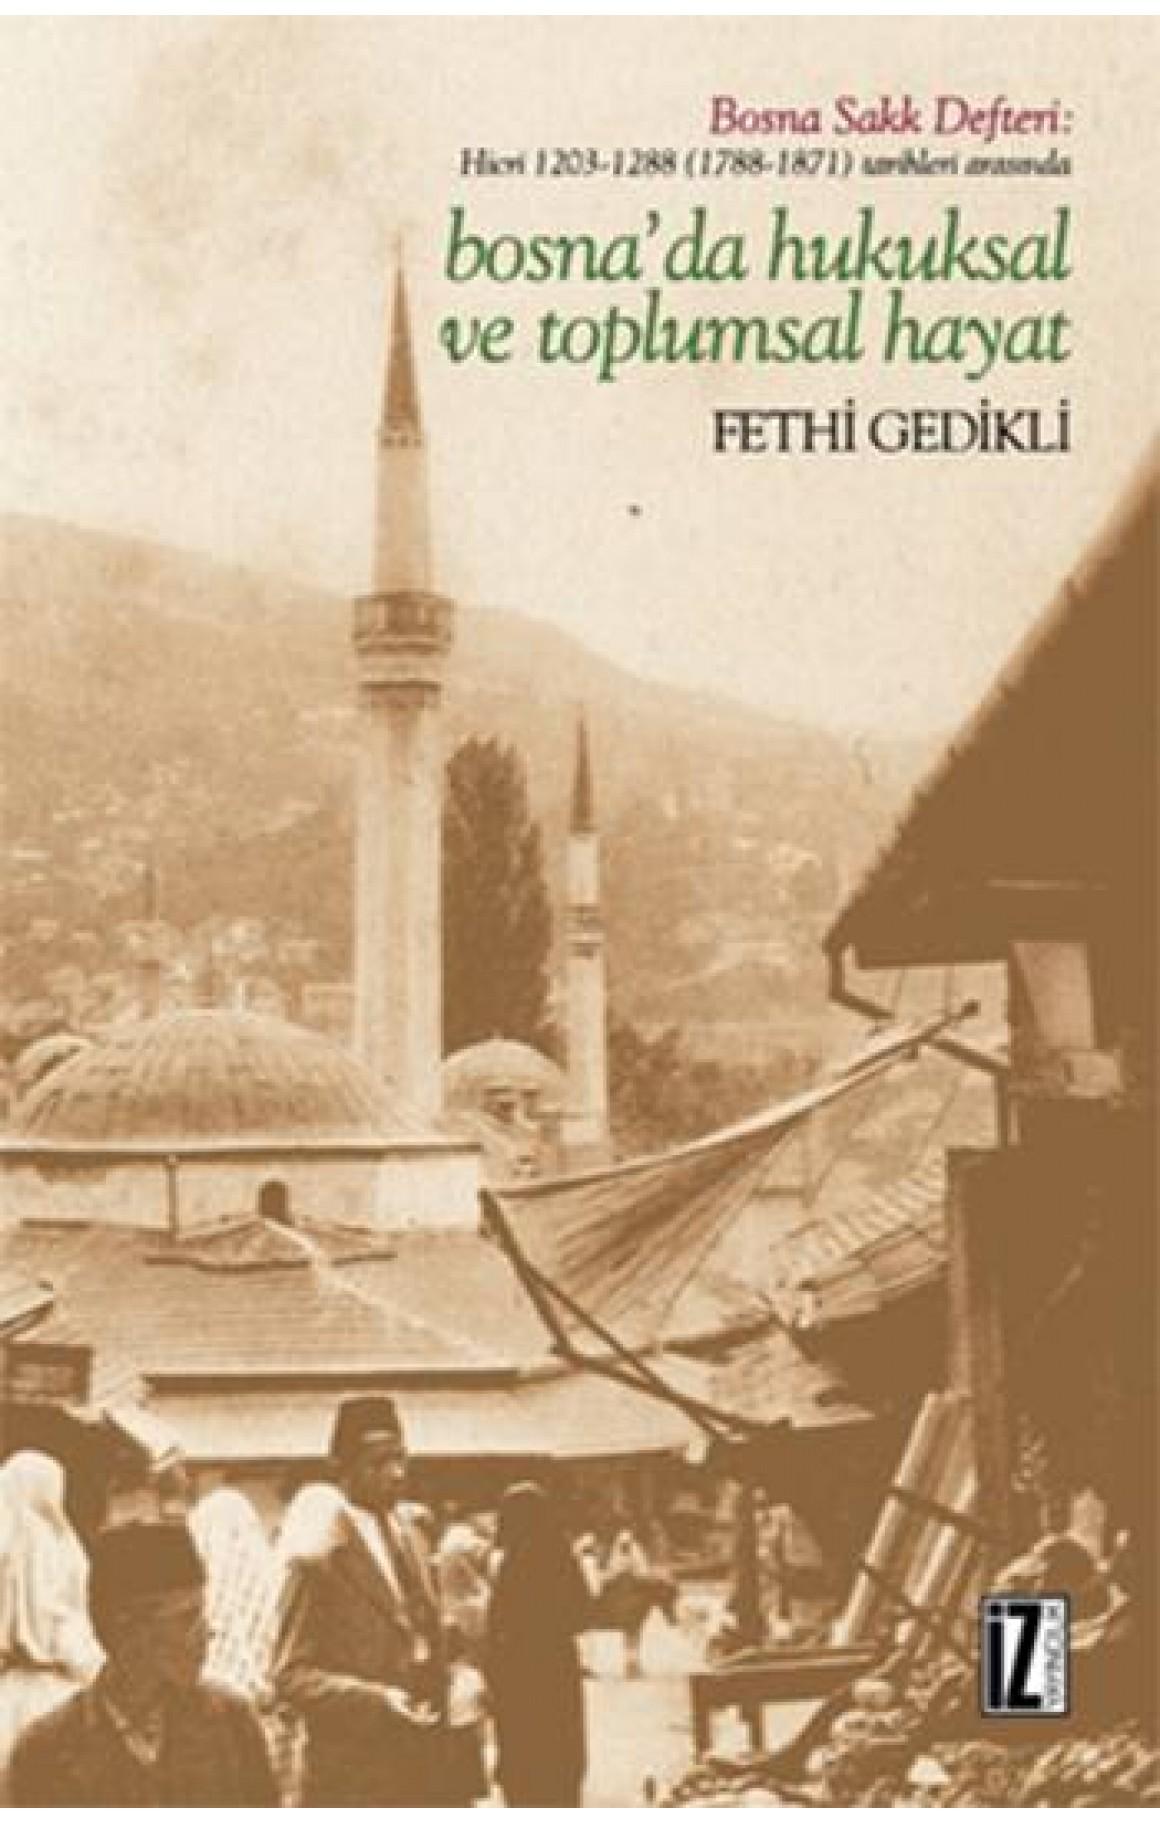 Bosna'da Hukuksal ve Toplumsal Hayat